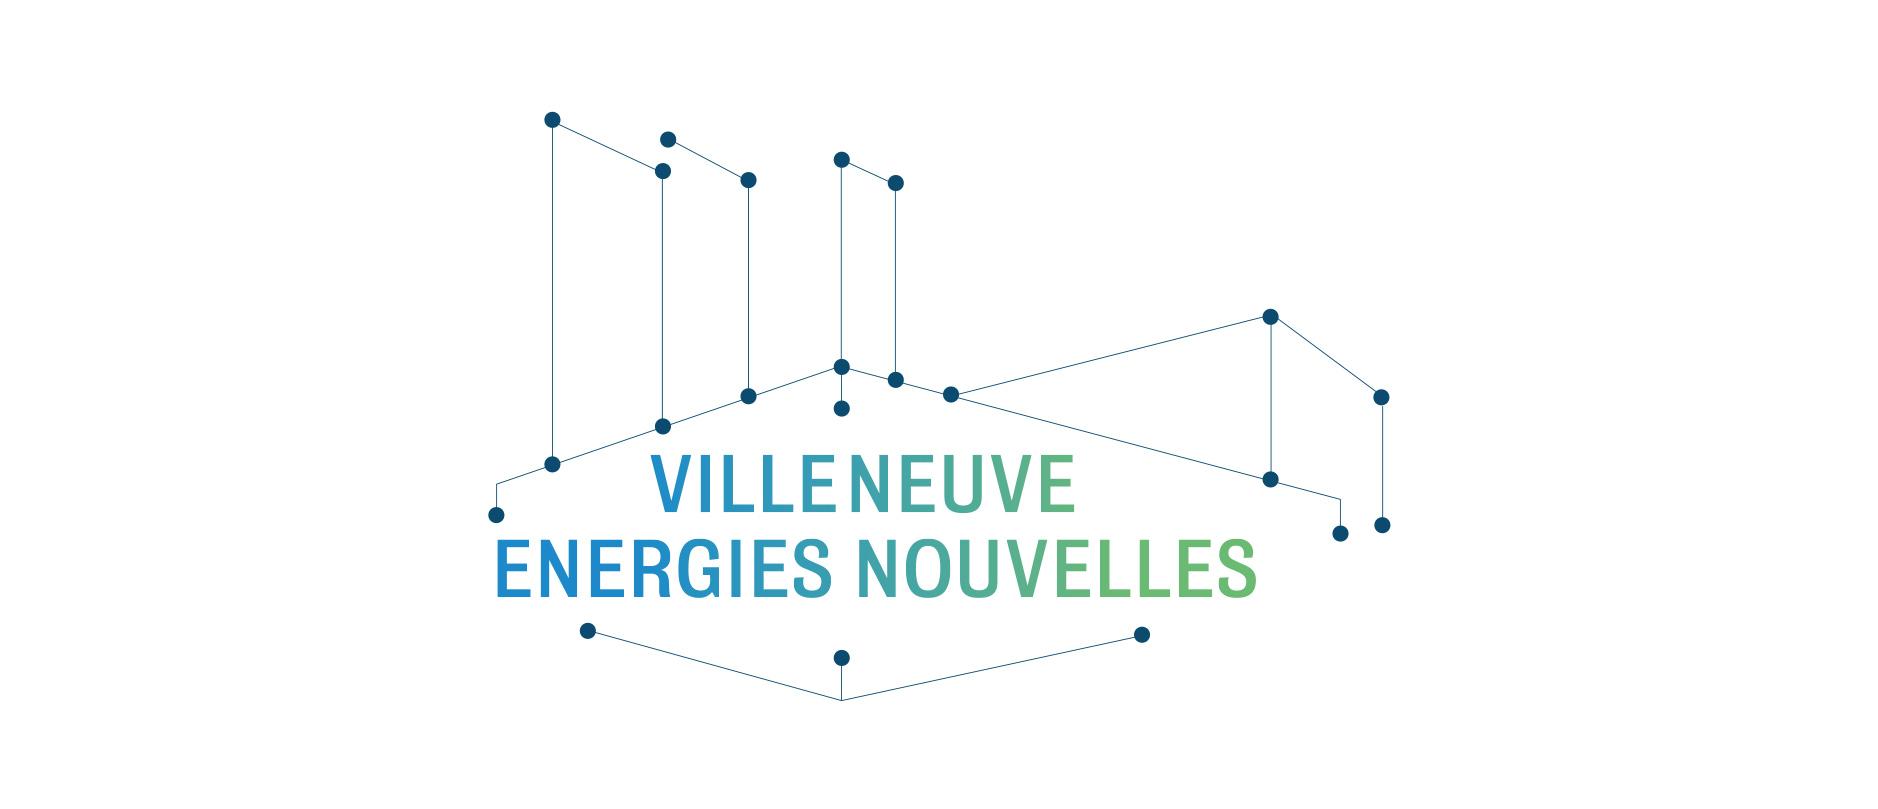 Villeneuve Energies Nouvelles